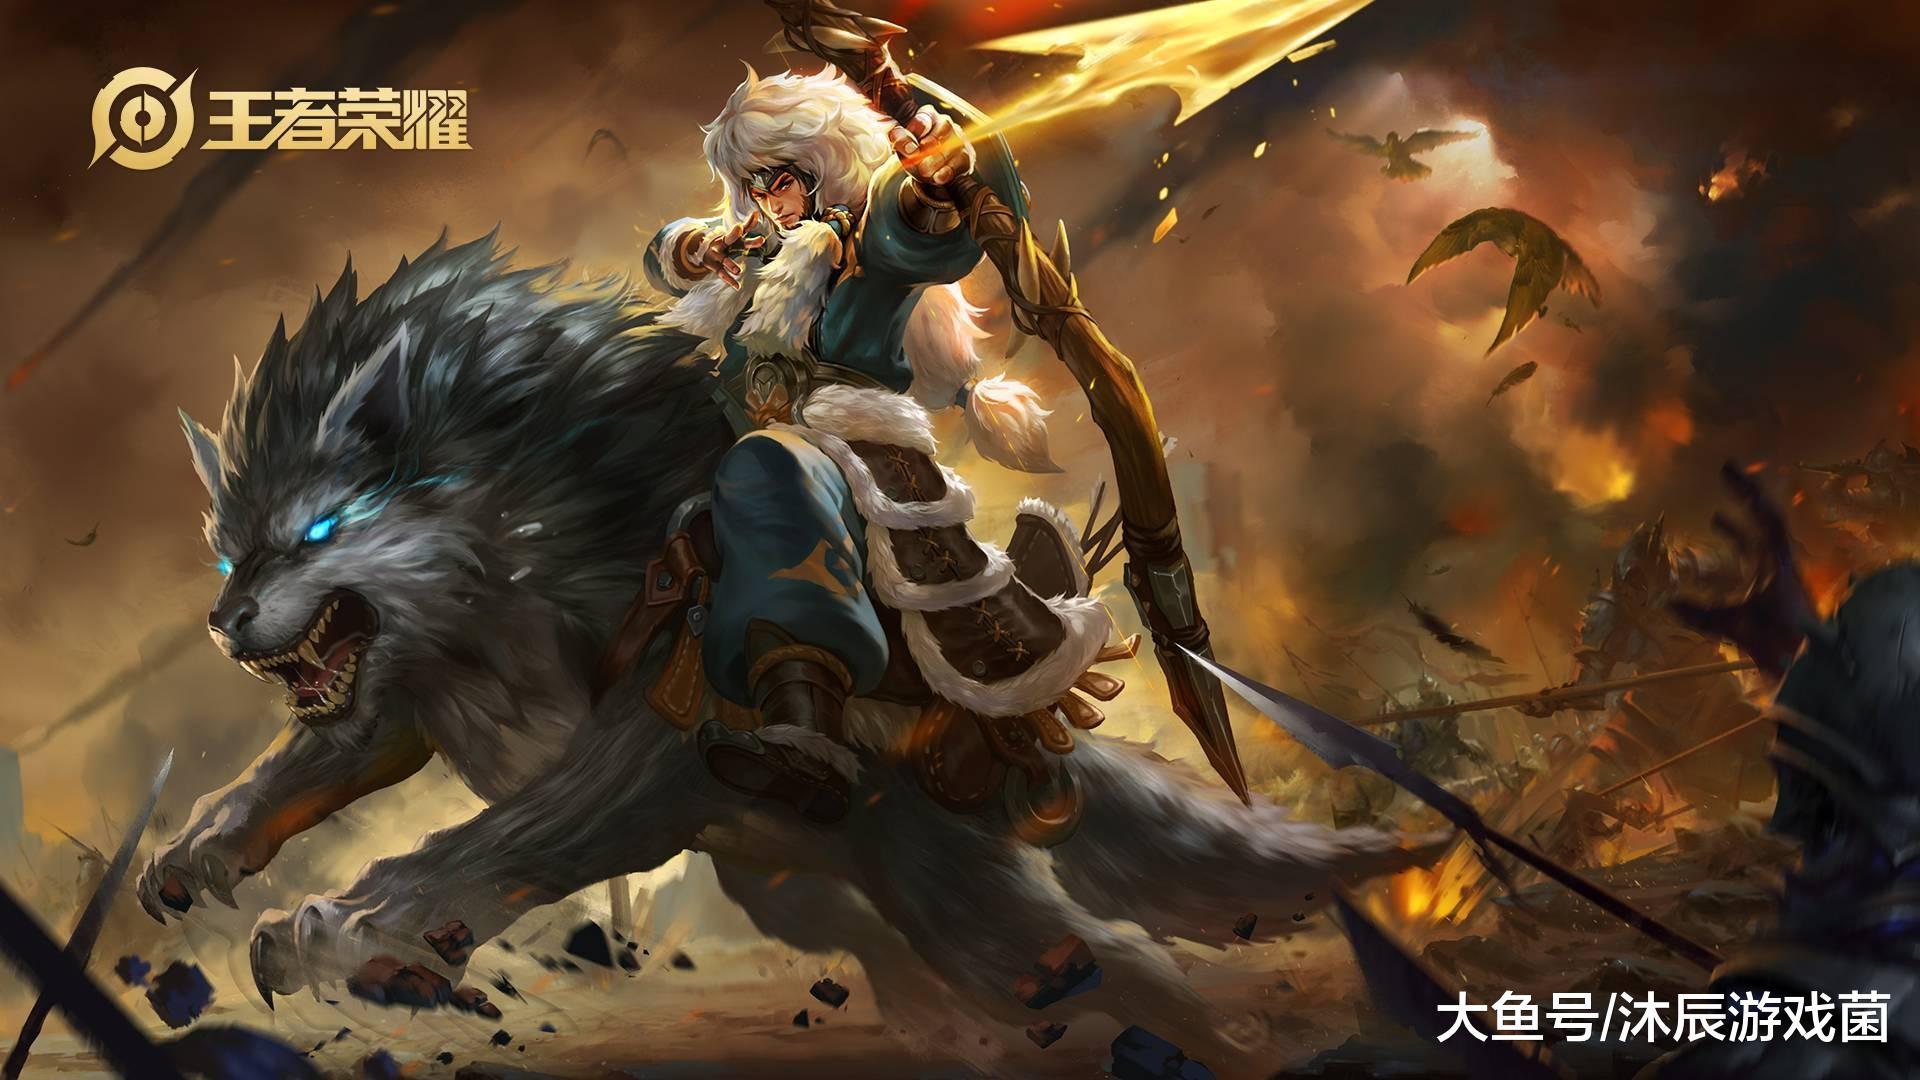 王者荣耀:s17狼狗被削弱,守约没输出,谁是射手上分首选?